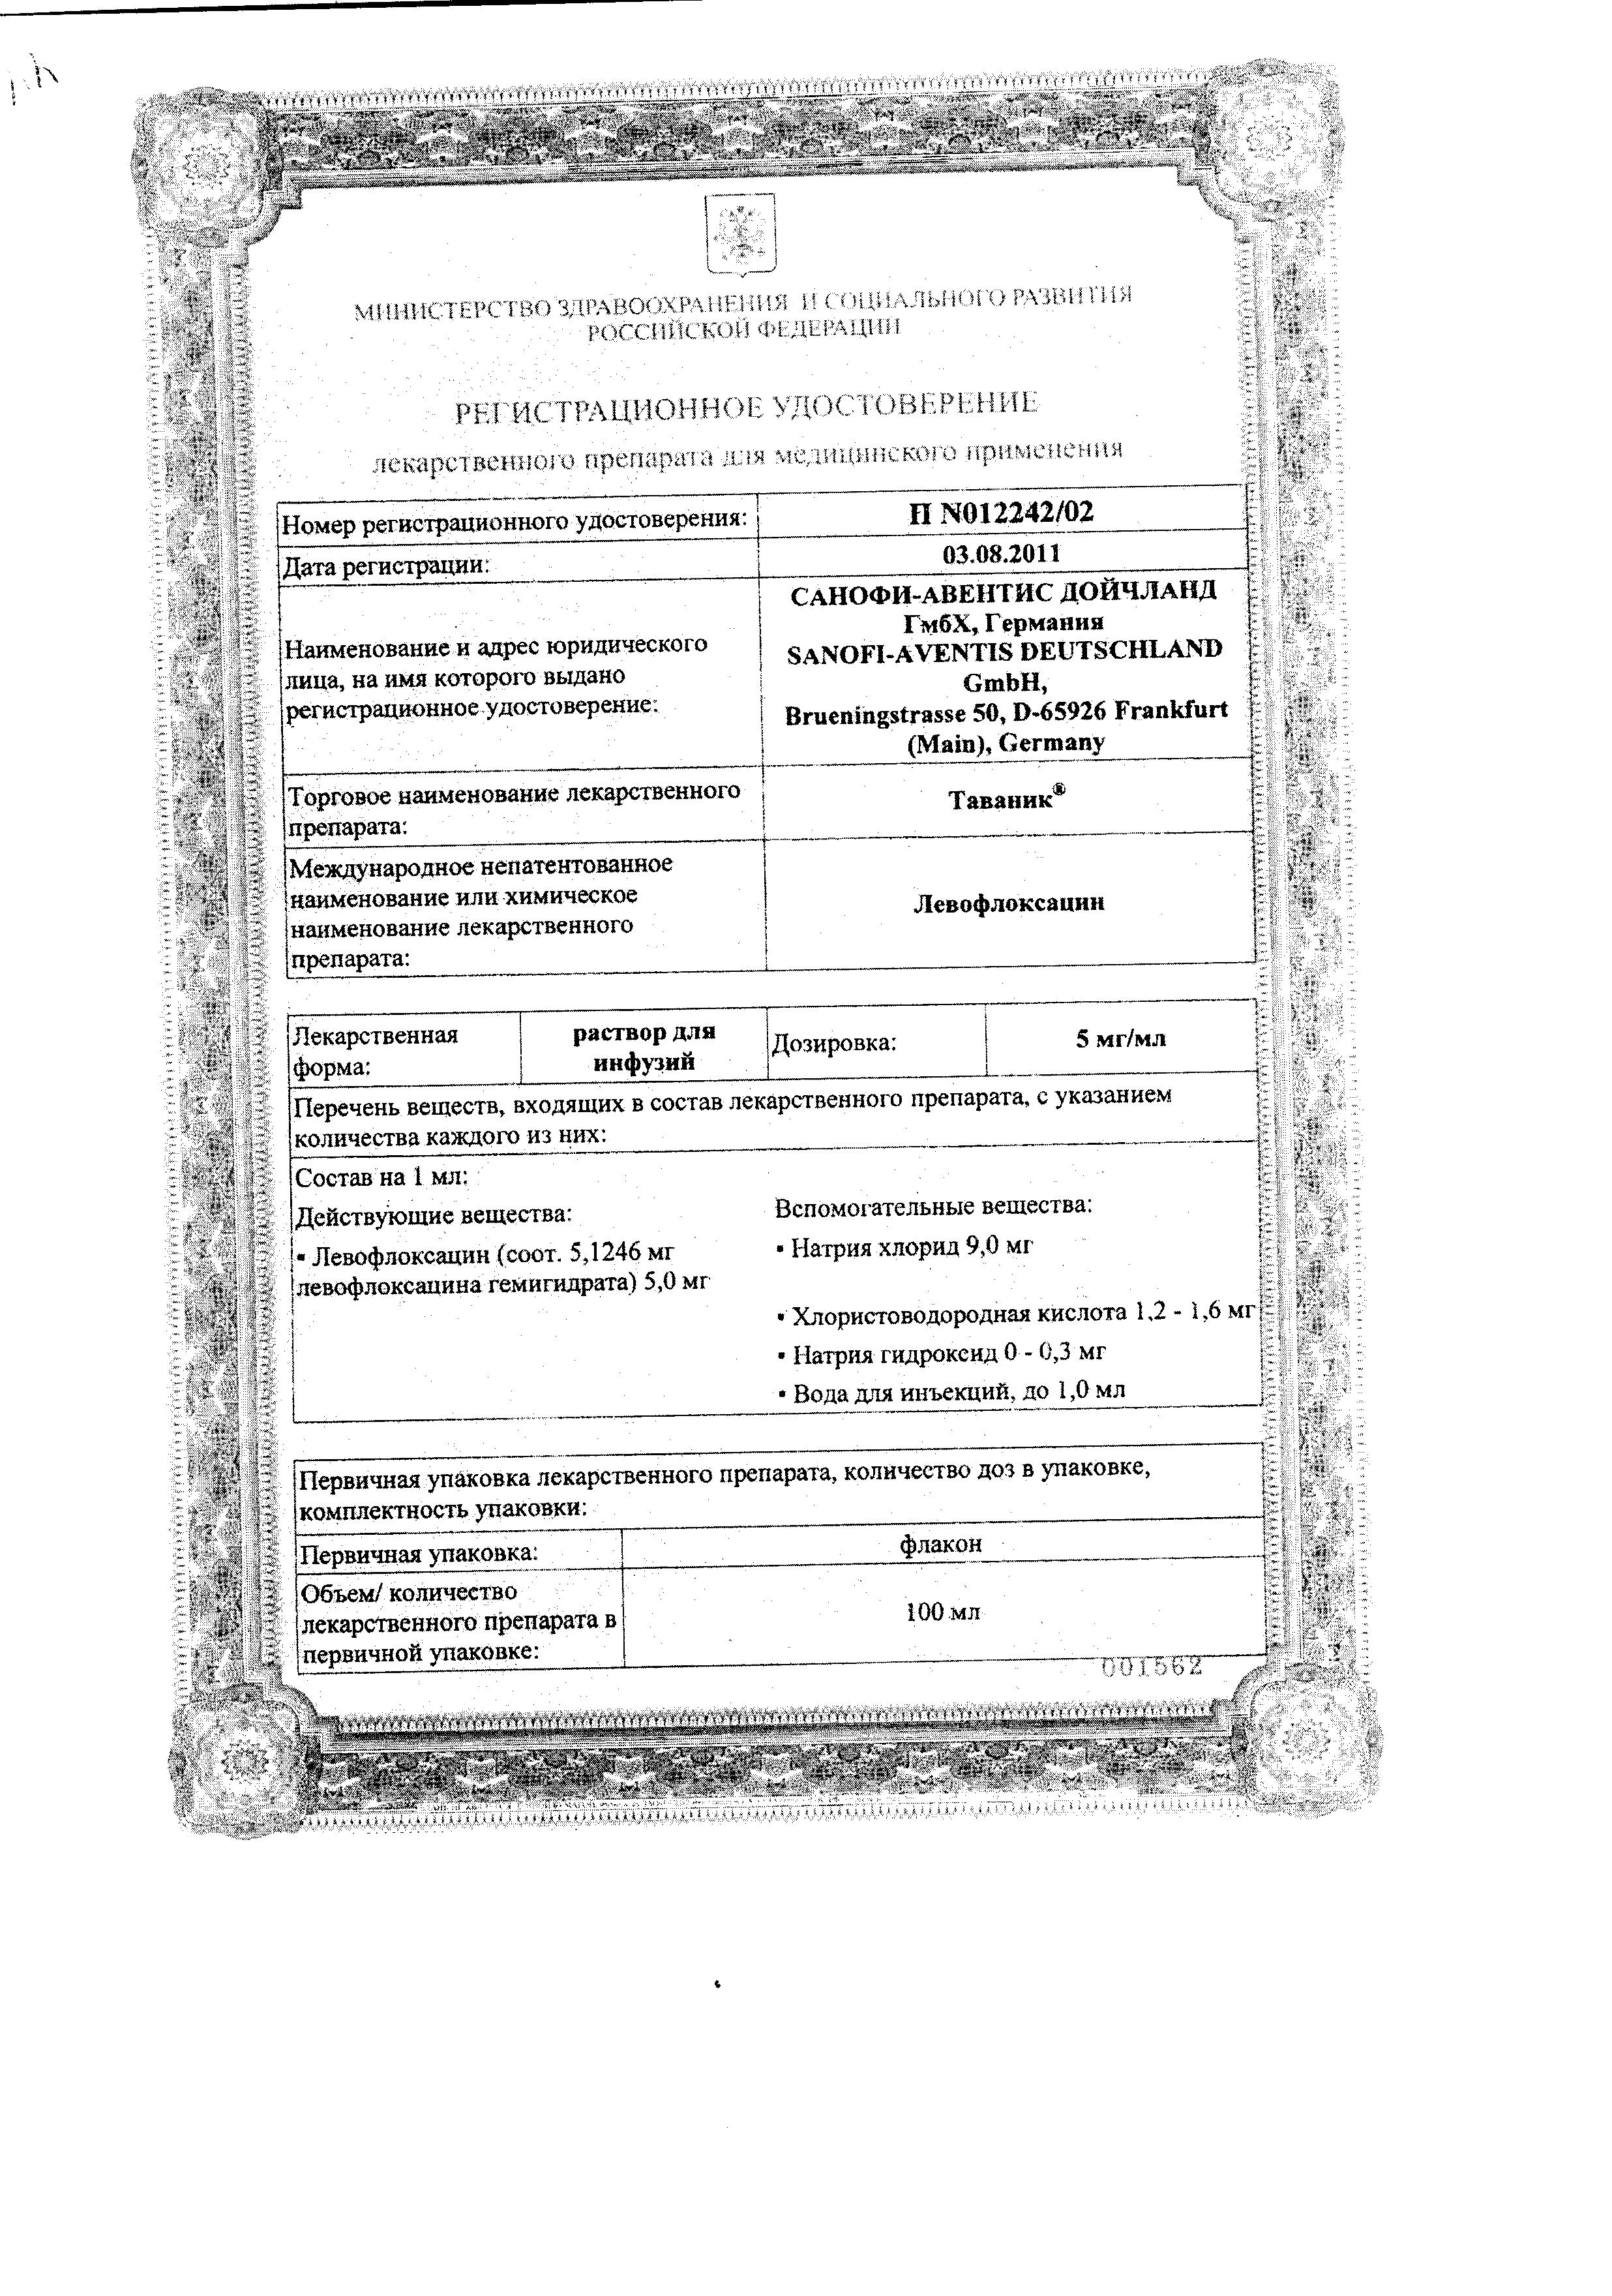 Таваник (для инфузий) сертификат